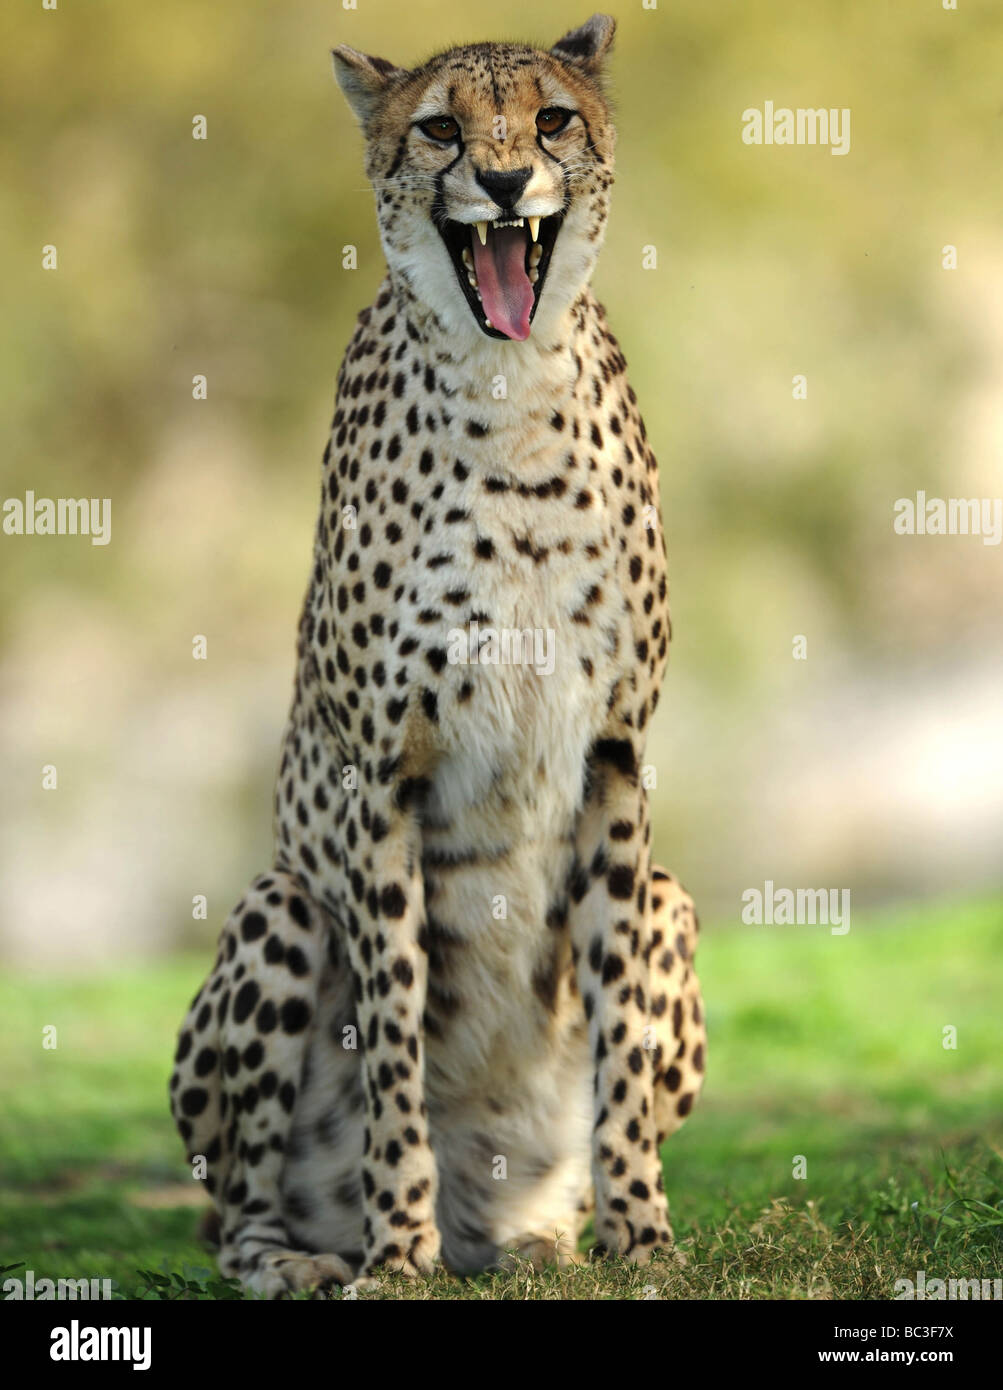 african cheetah snarling at camera, full frame close up, big cat - Stock Image